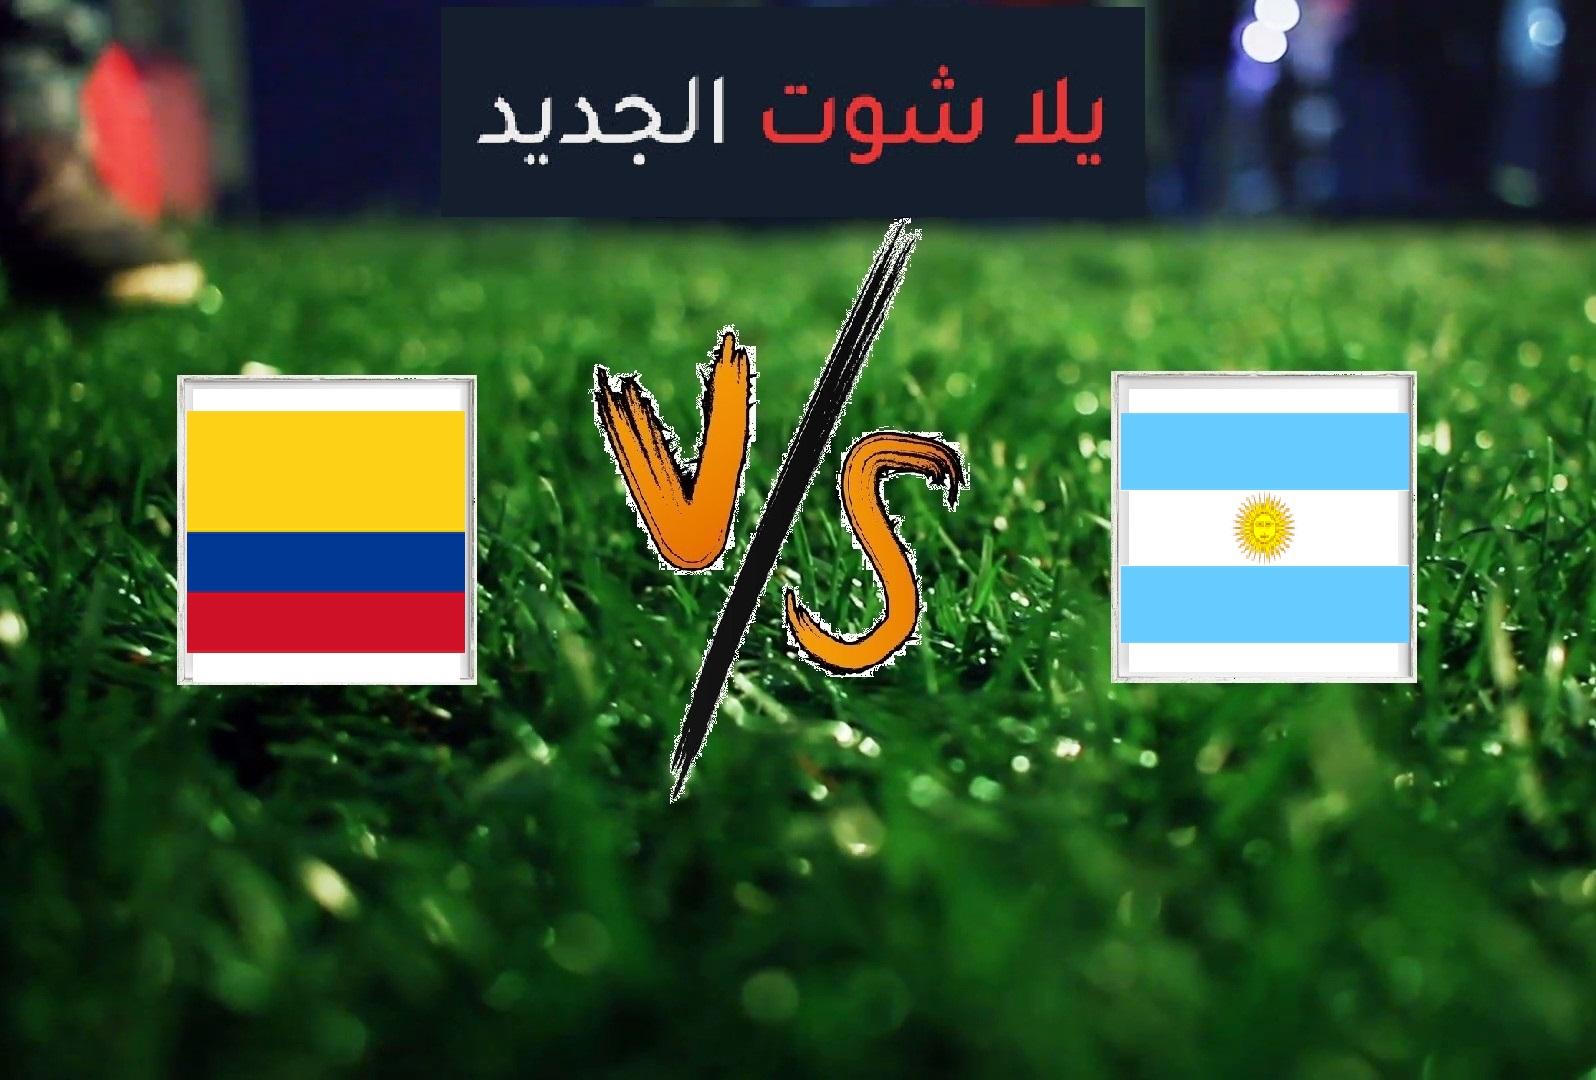 نتيجة مباراة الارجنتين وكولمبيا اليوم الاحد بتاريخ 16-06-2019 كوبا أمريكا 2019